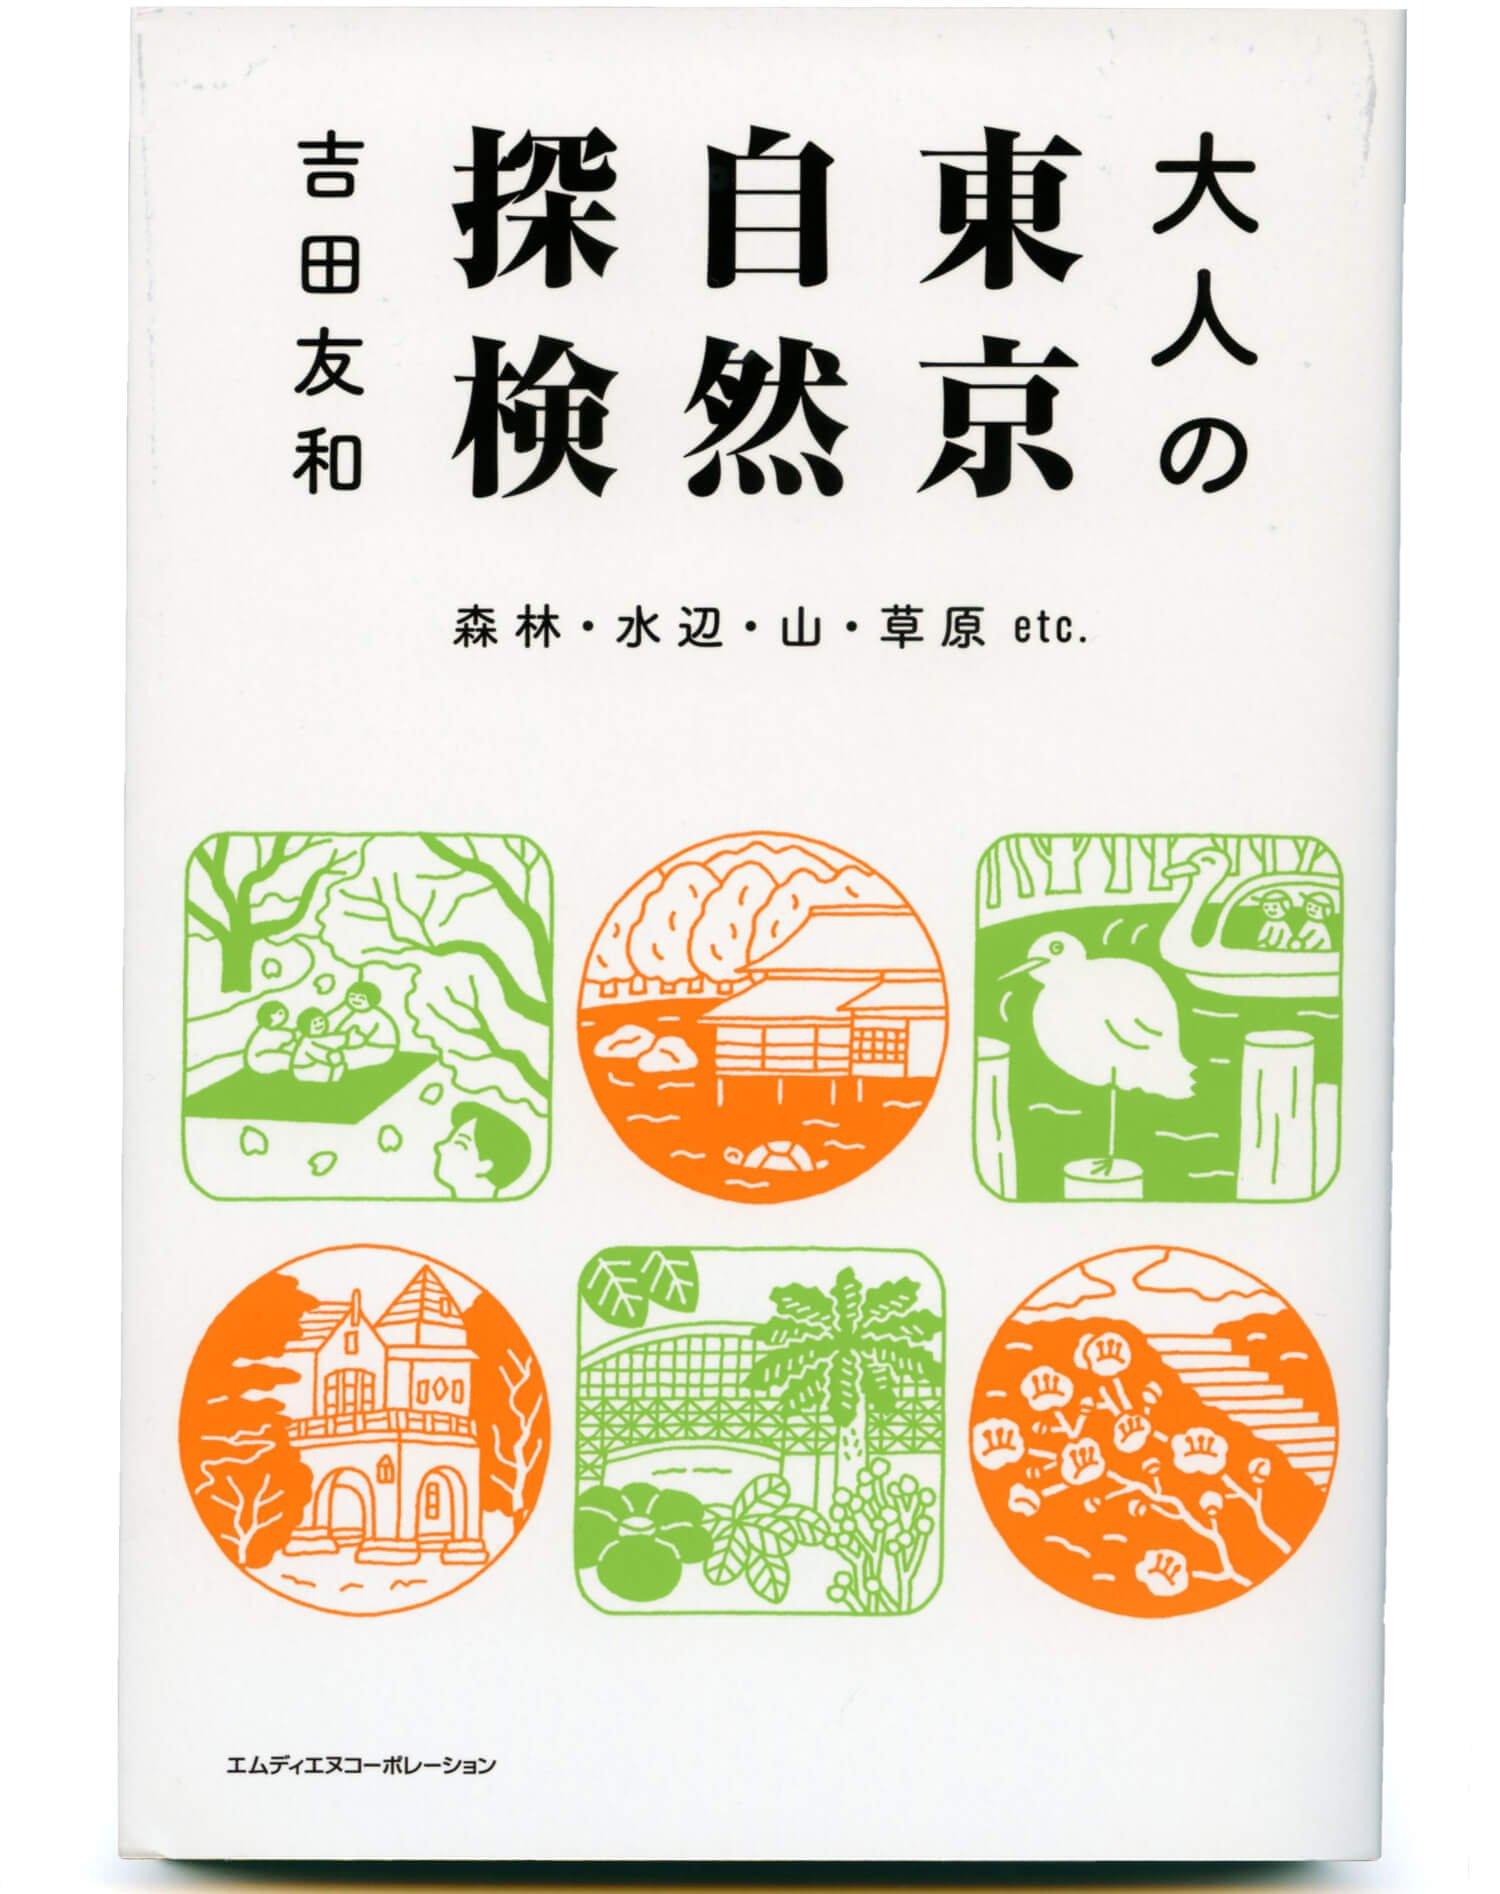 吉田友和 著/ エムディエヌコーポレーション/ 1430円+税